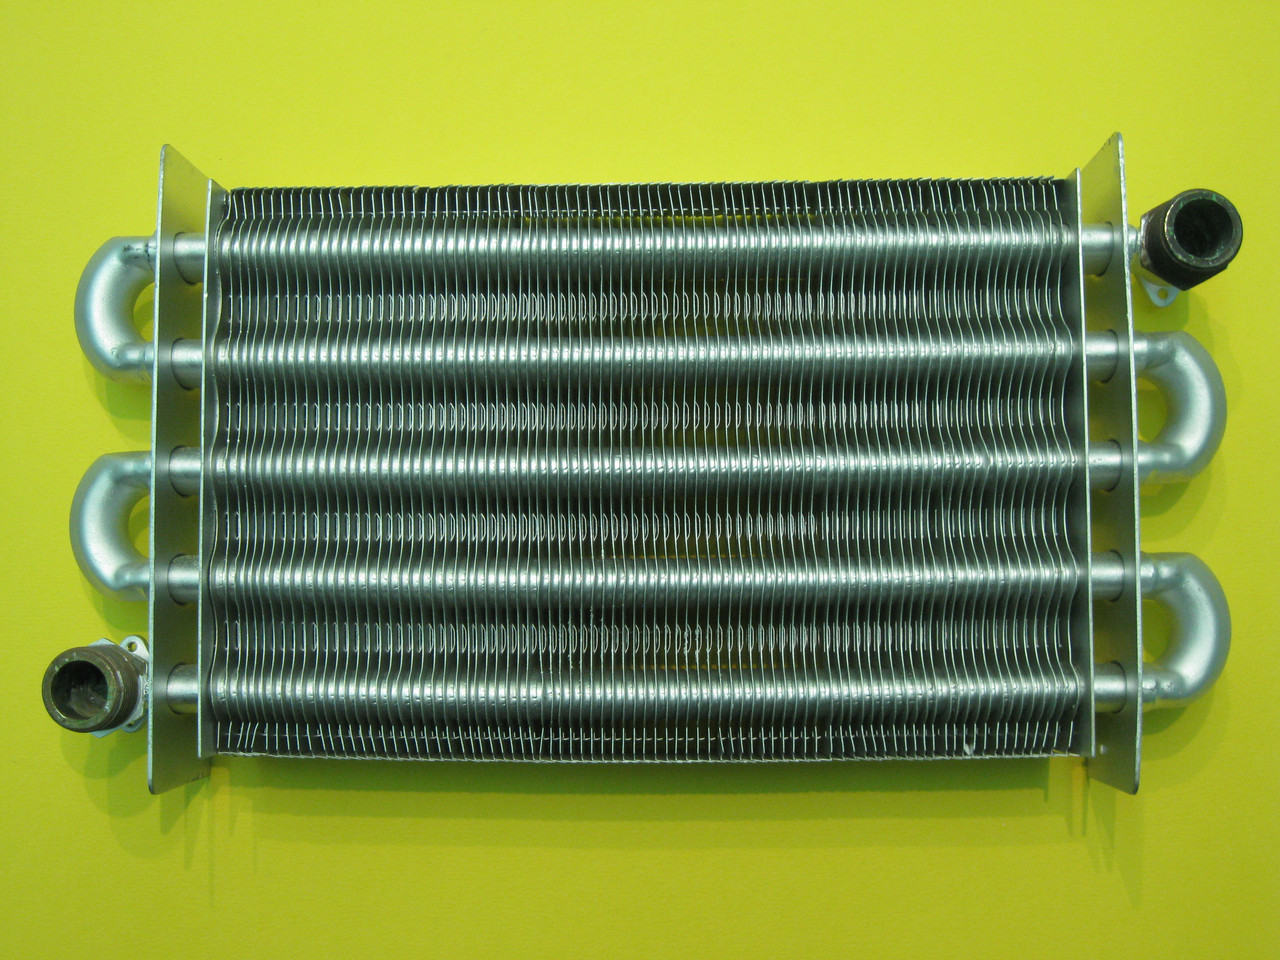 Теплообменник главный (основной, первичный) 24 кВт AA10070005 Solly Primer